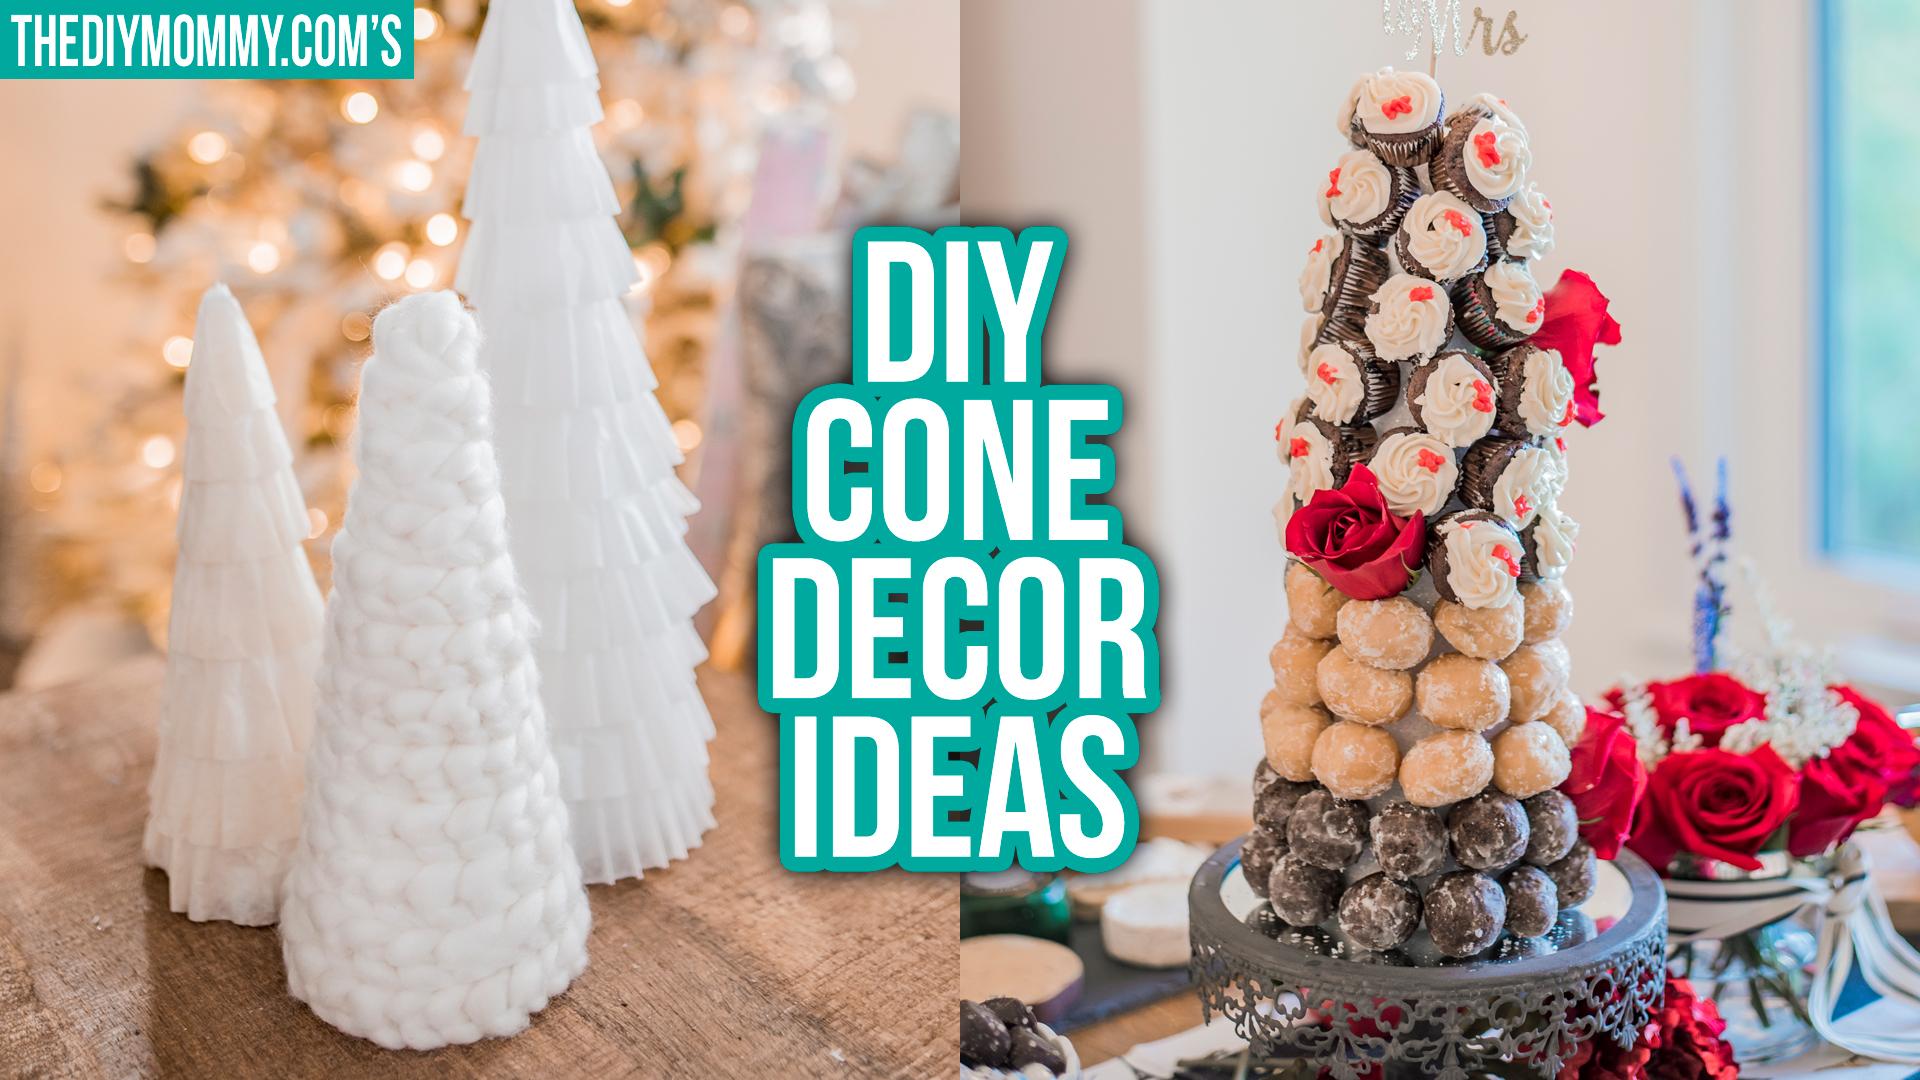 DIY Cone Decor Ideas for Christmas